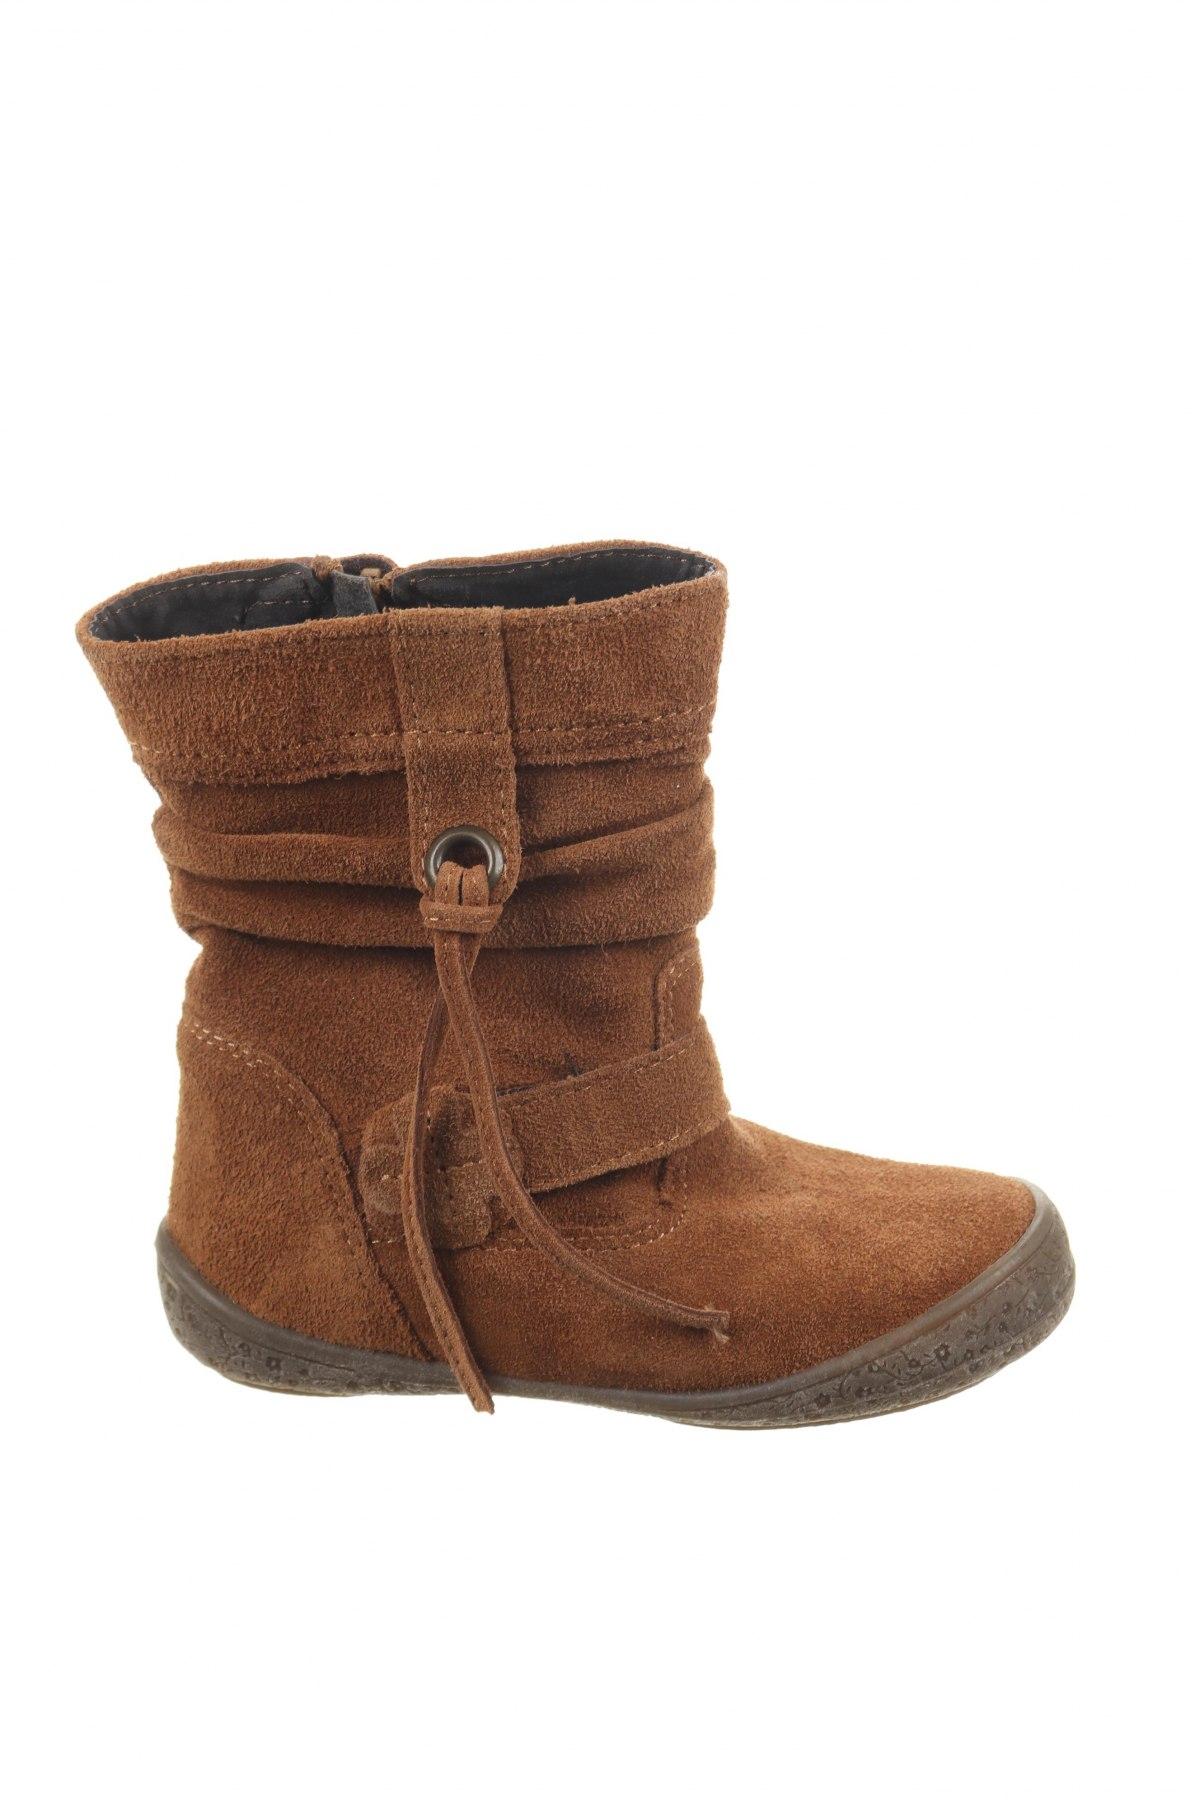 Παιδικά παπούτσια Saxo Blues, Μέγεθος 26, Χρώμα Καφέ, Γνήσιο δέρμα, Τιμή 18,62€